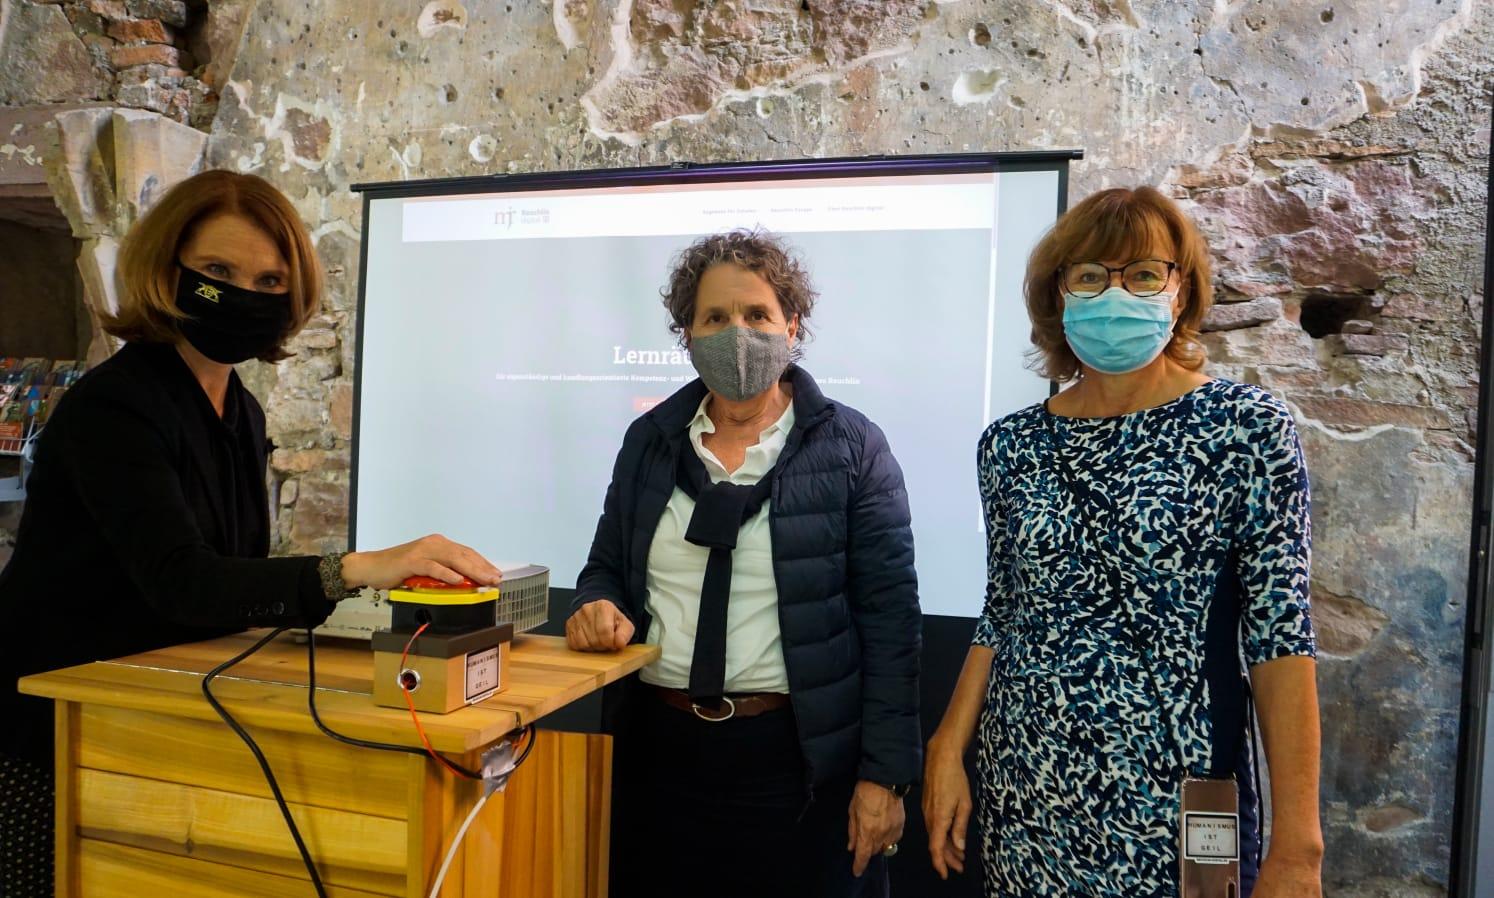 Petra Olschowski, Sibylle Schüssler und Claudia Baumbusch starten Reuchlin digital